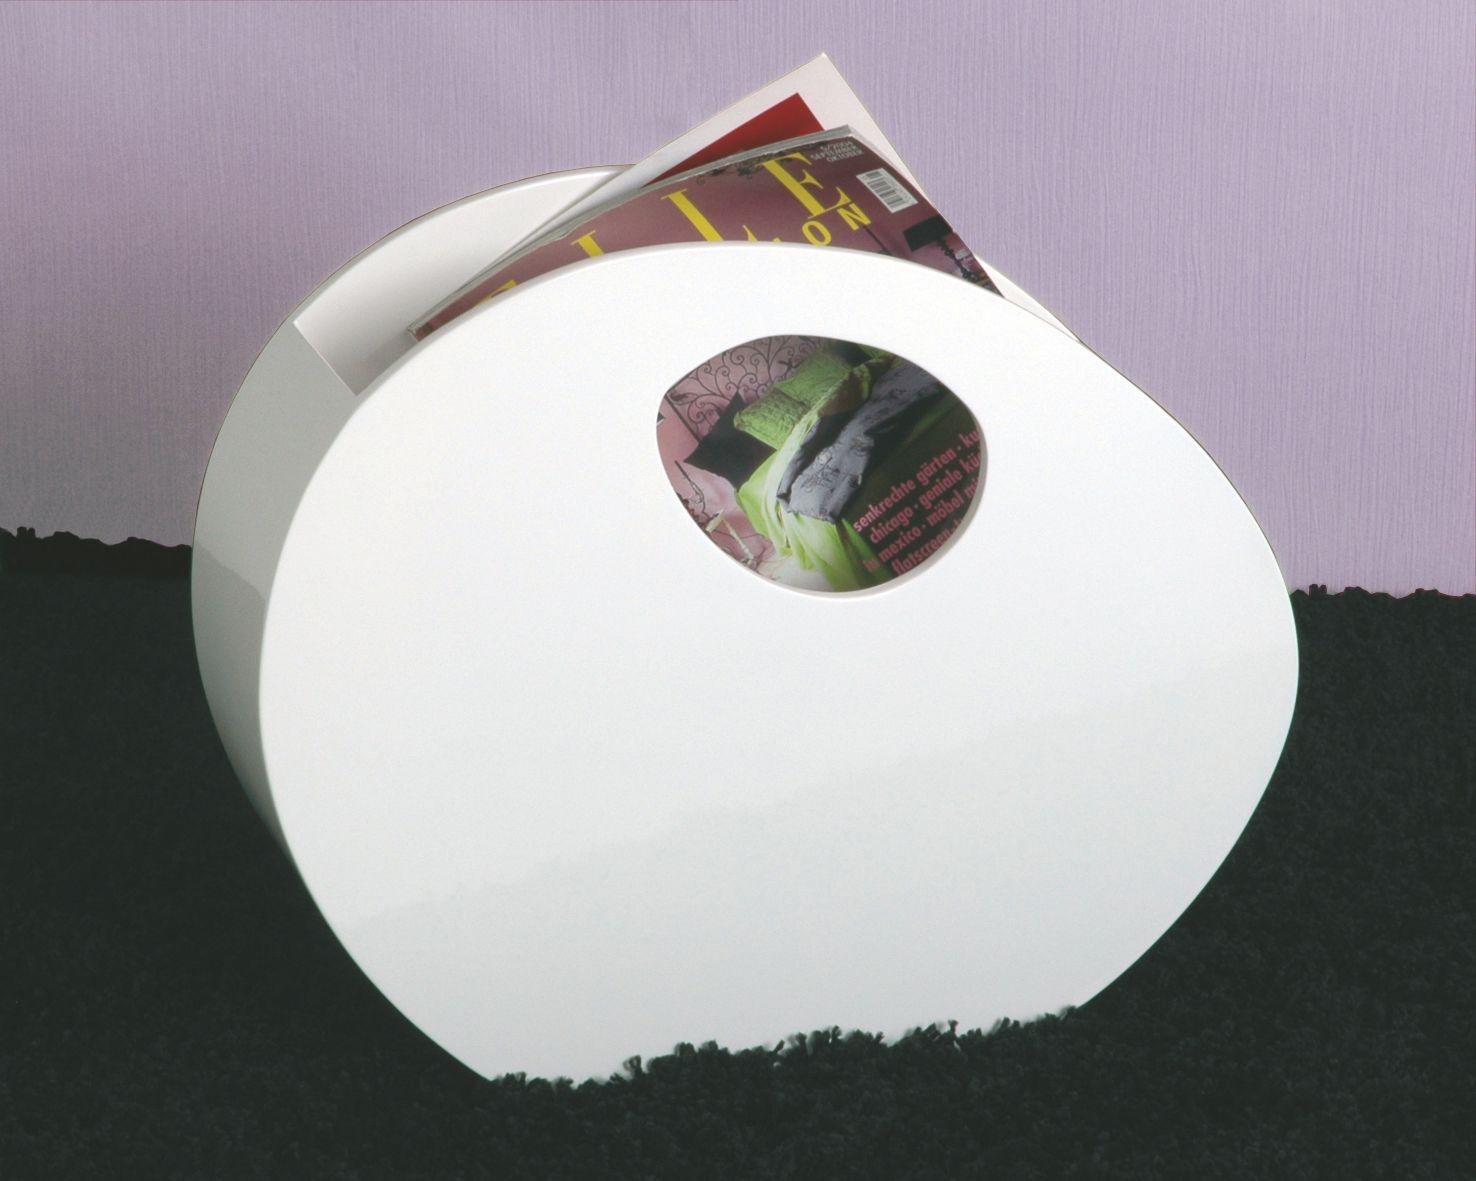 Zeitungsständer Modern zeitungsständer weiss hochglanz lackiert woody 191 00080 holz modern